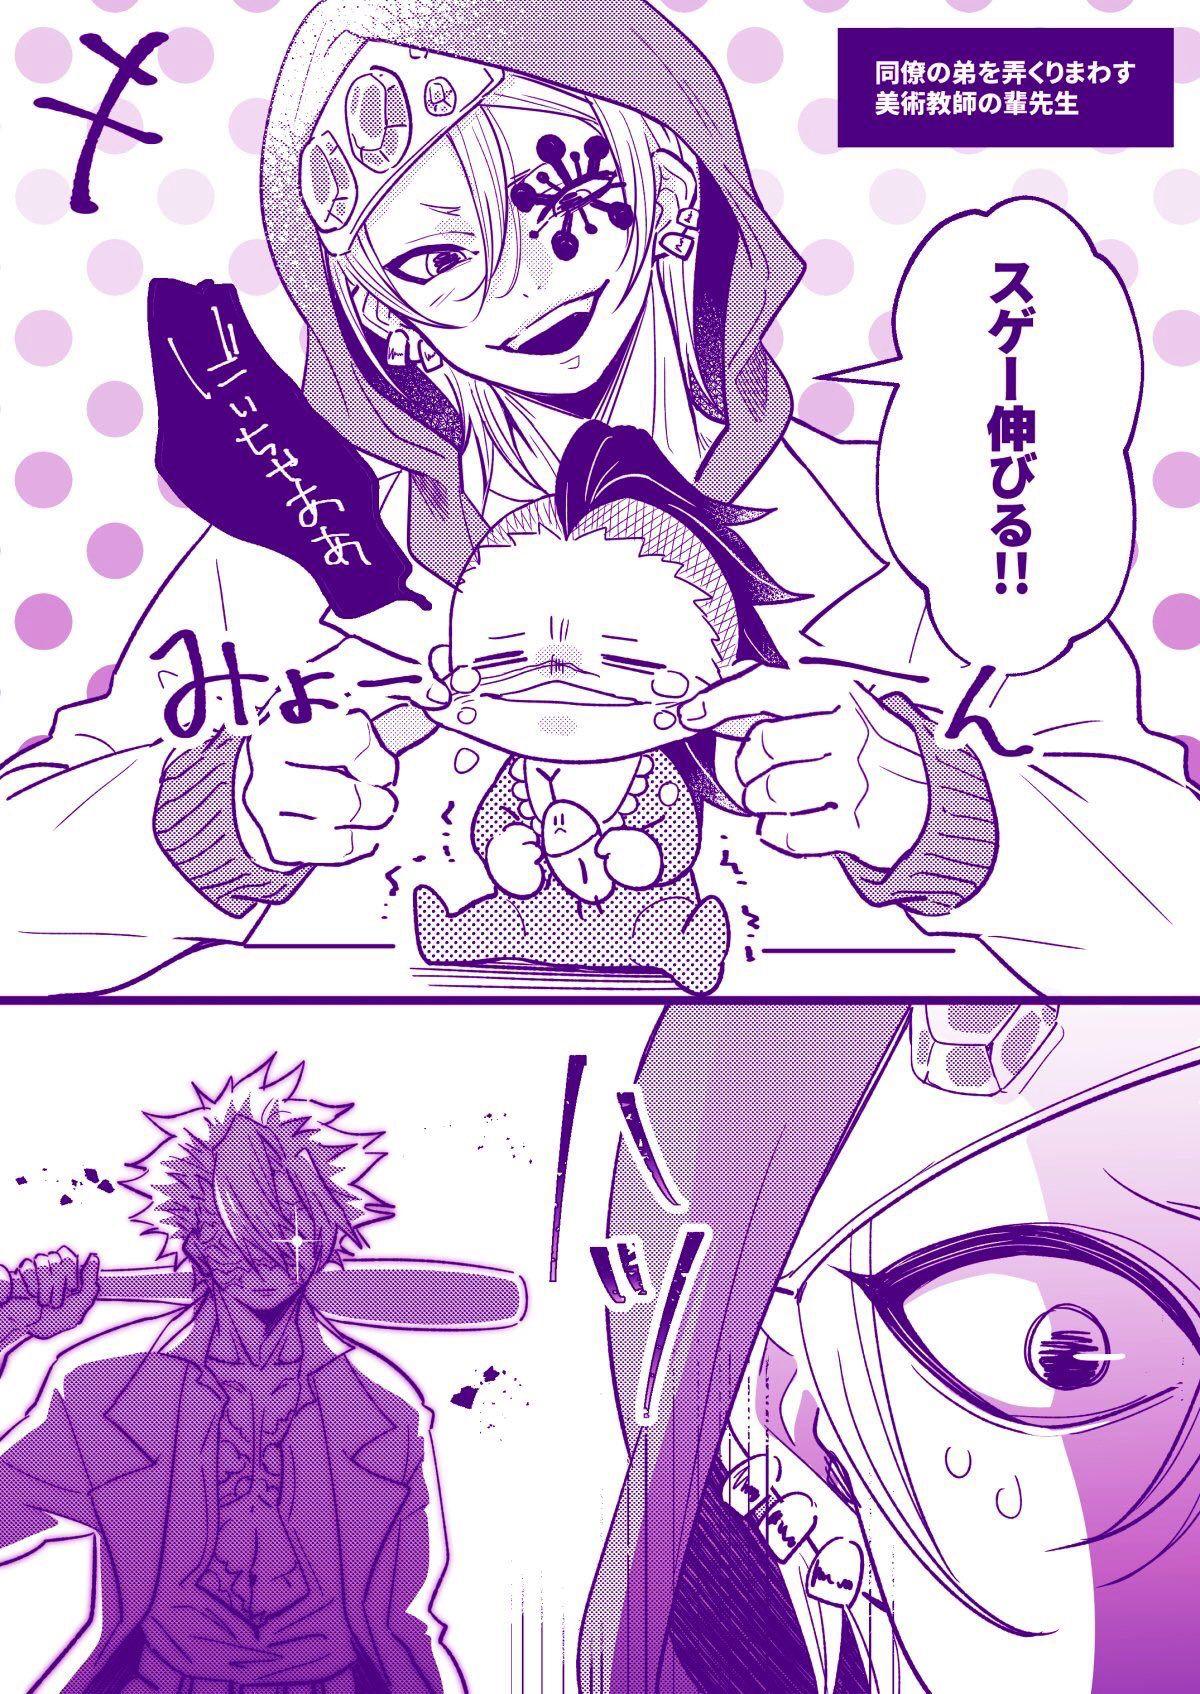 pin by 儀 on kimetsu no yaiba anime demon slayer anime demon